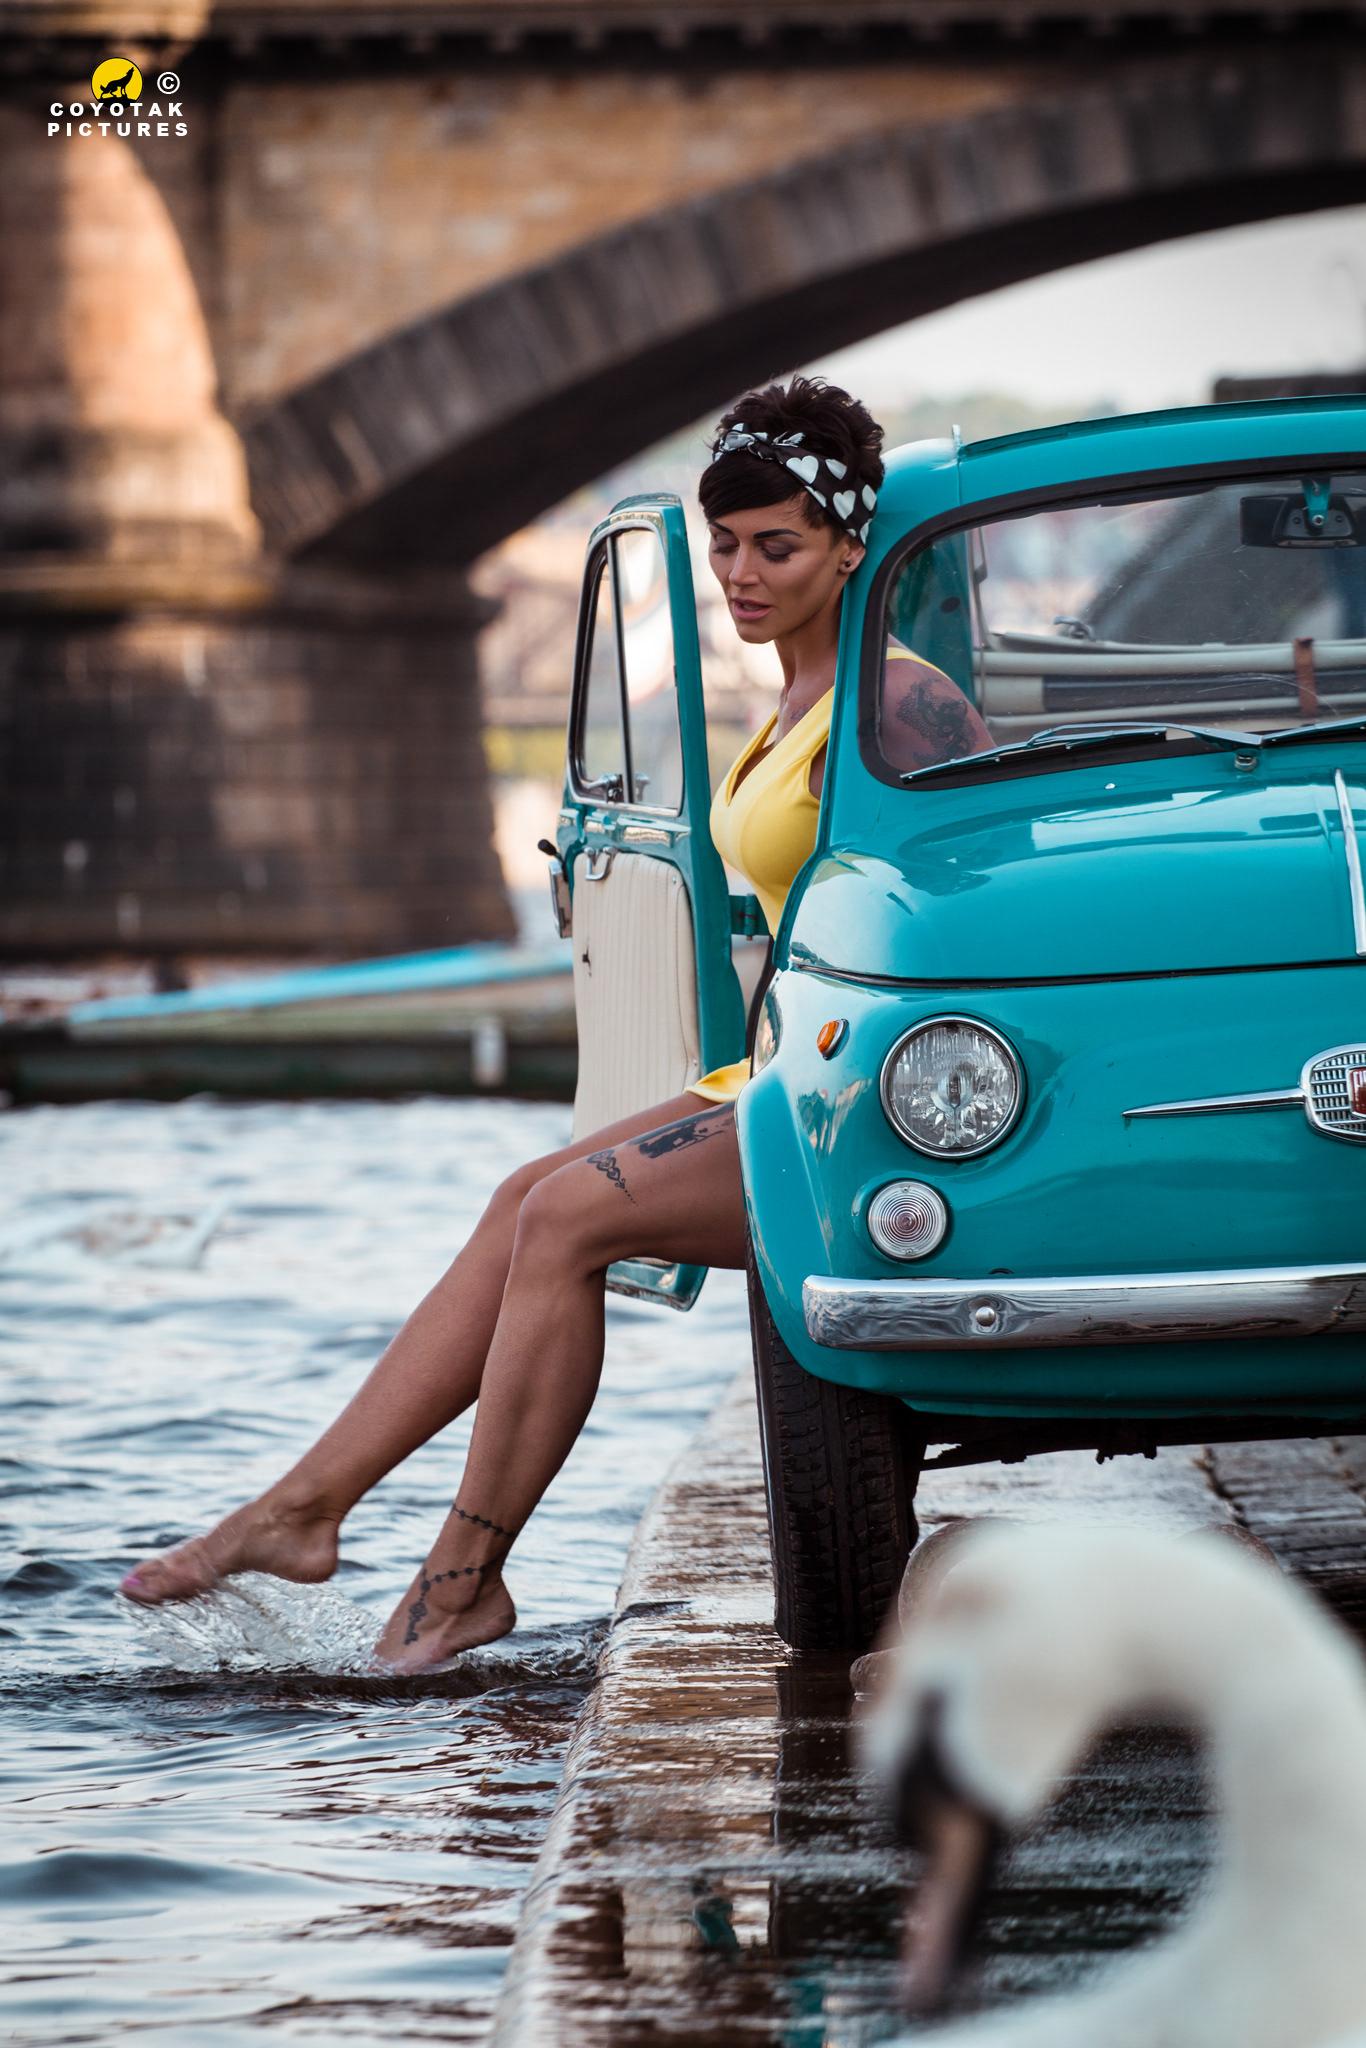 FIAT 500 / фото Coyot Coyotak